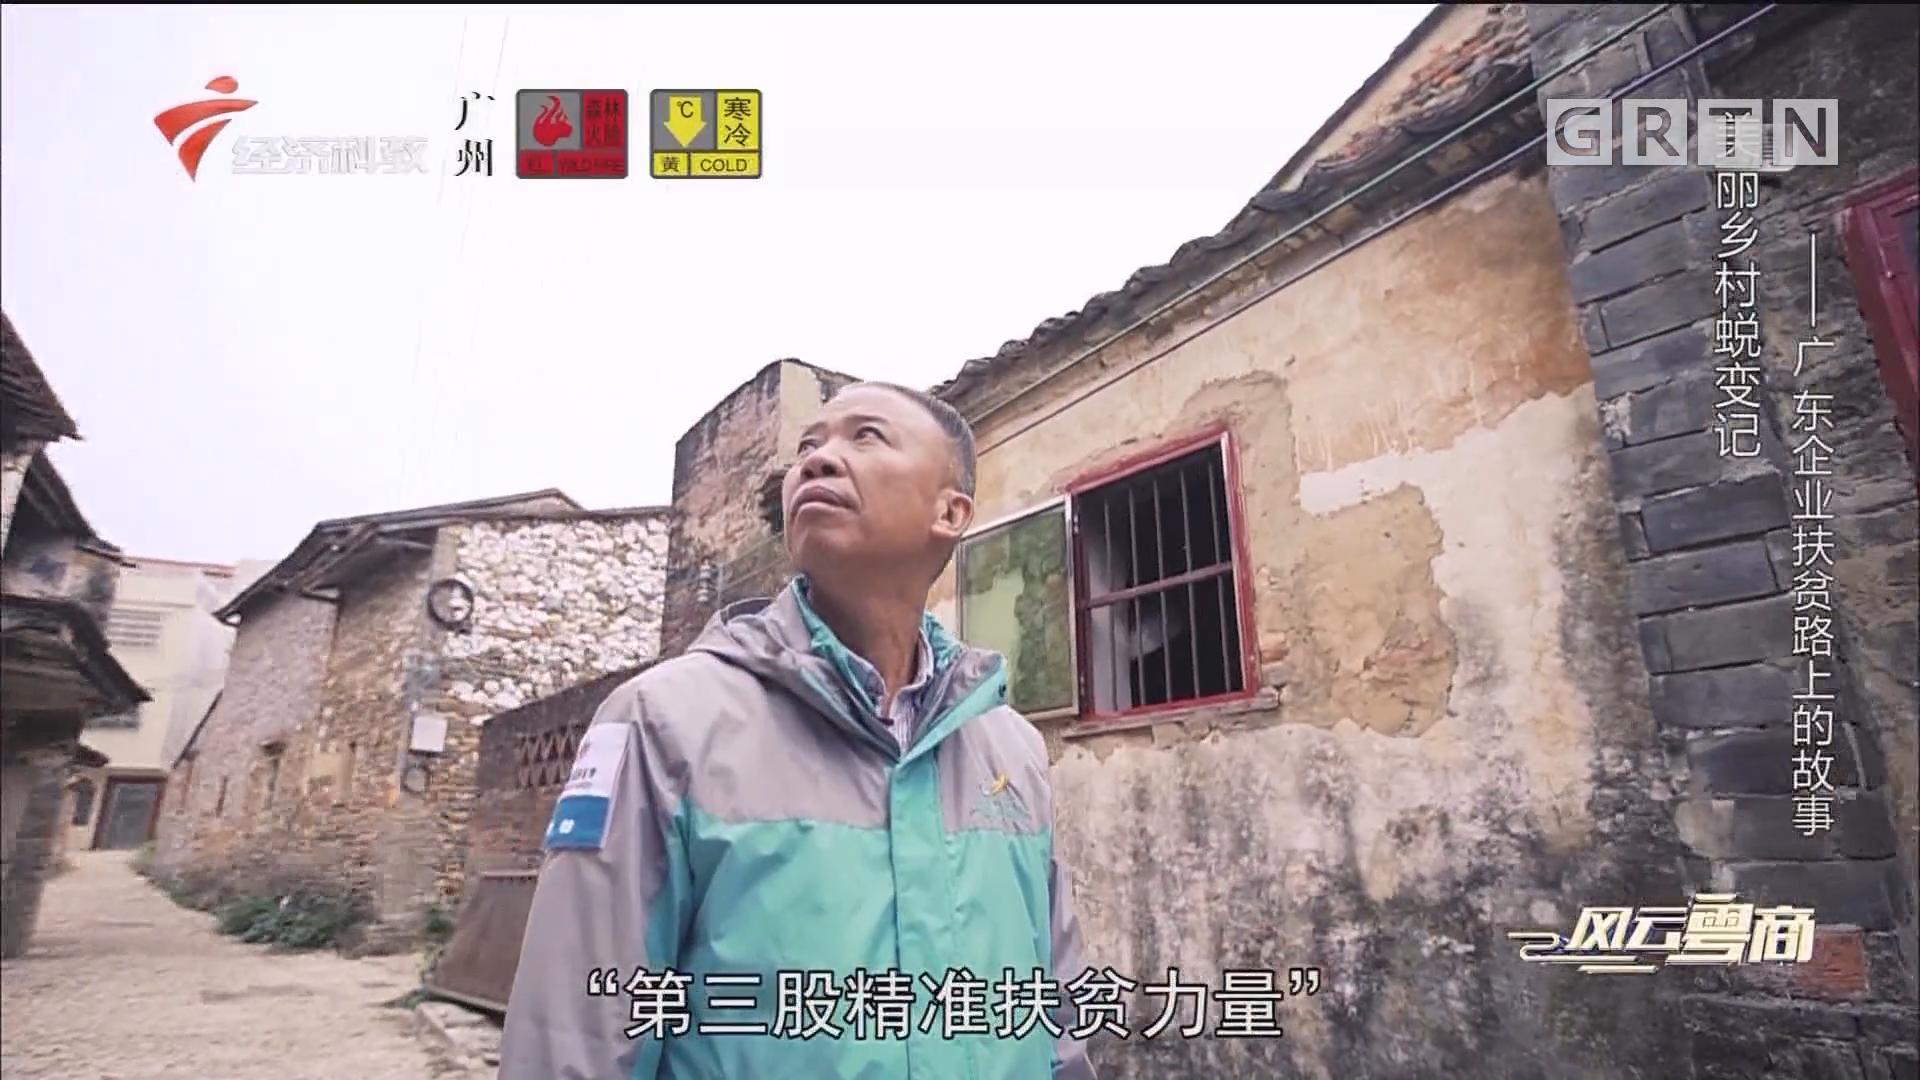 [HD][2020-01-11]风云粤商:美丽乡村蜕变记——广东企业扶贫路上的故事